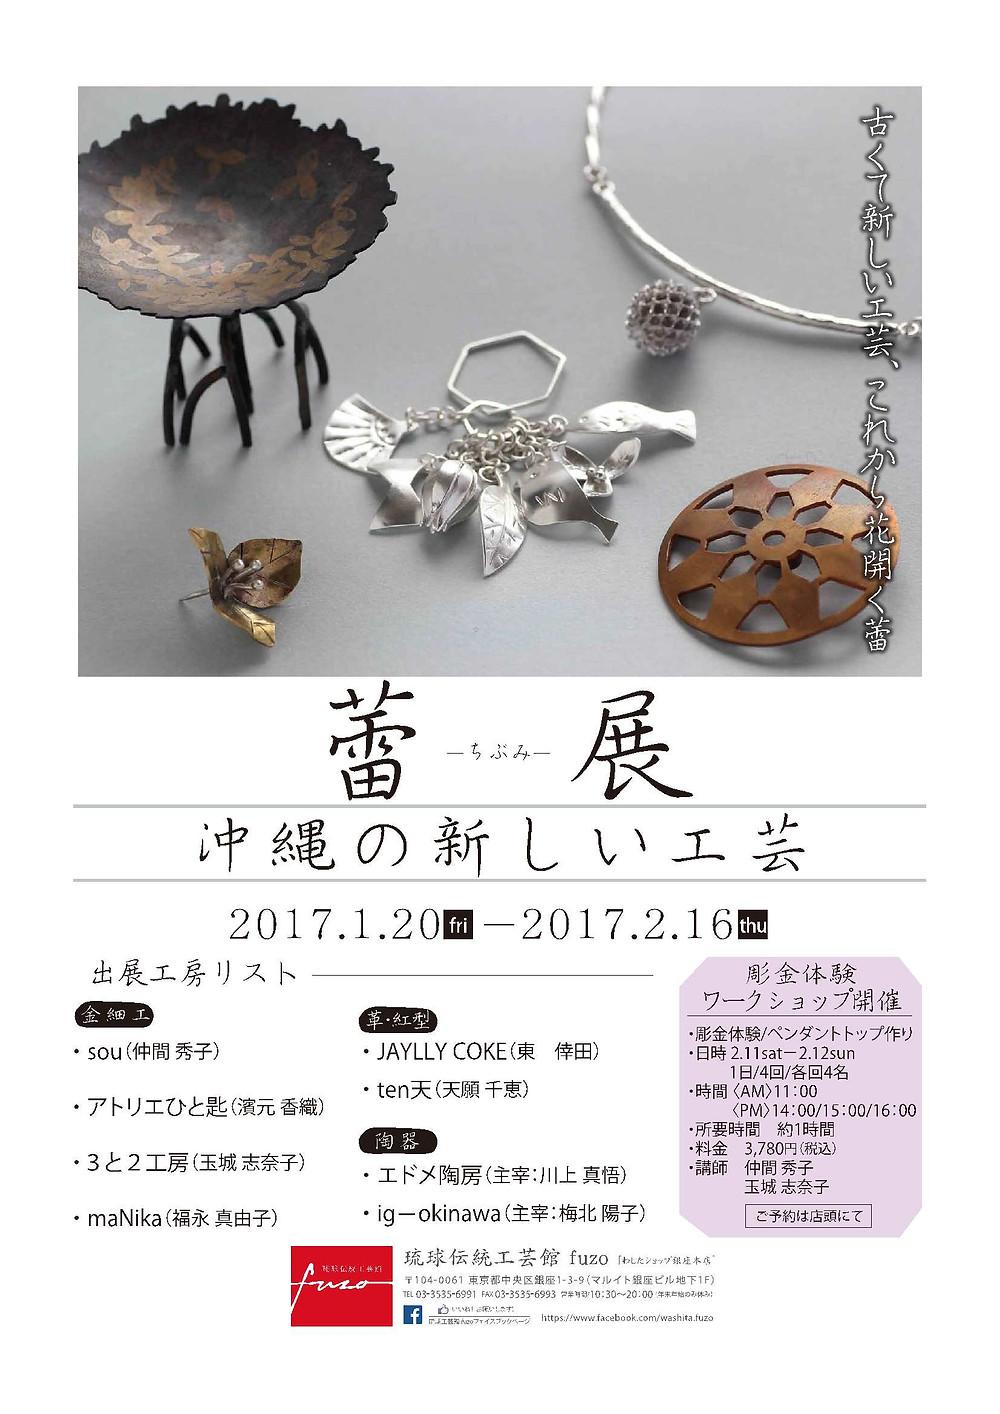 東京での展示会が1月20日から始まります。